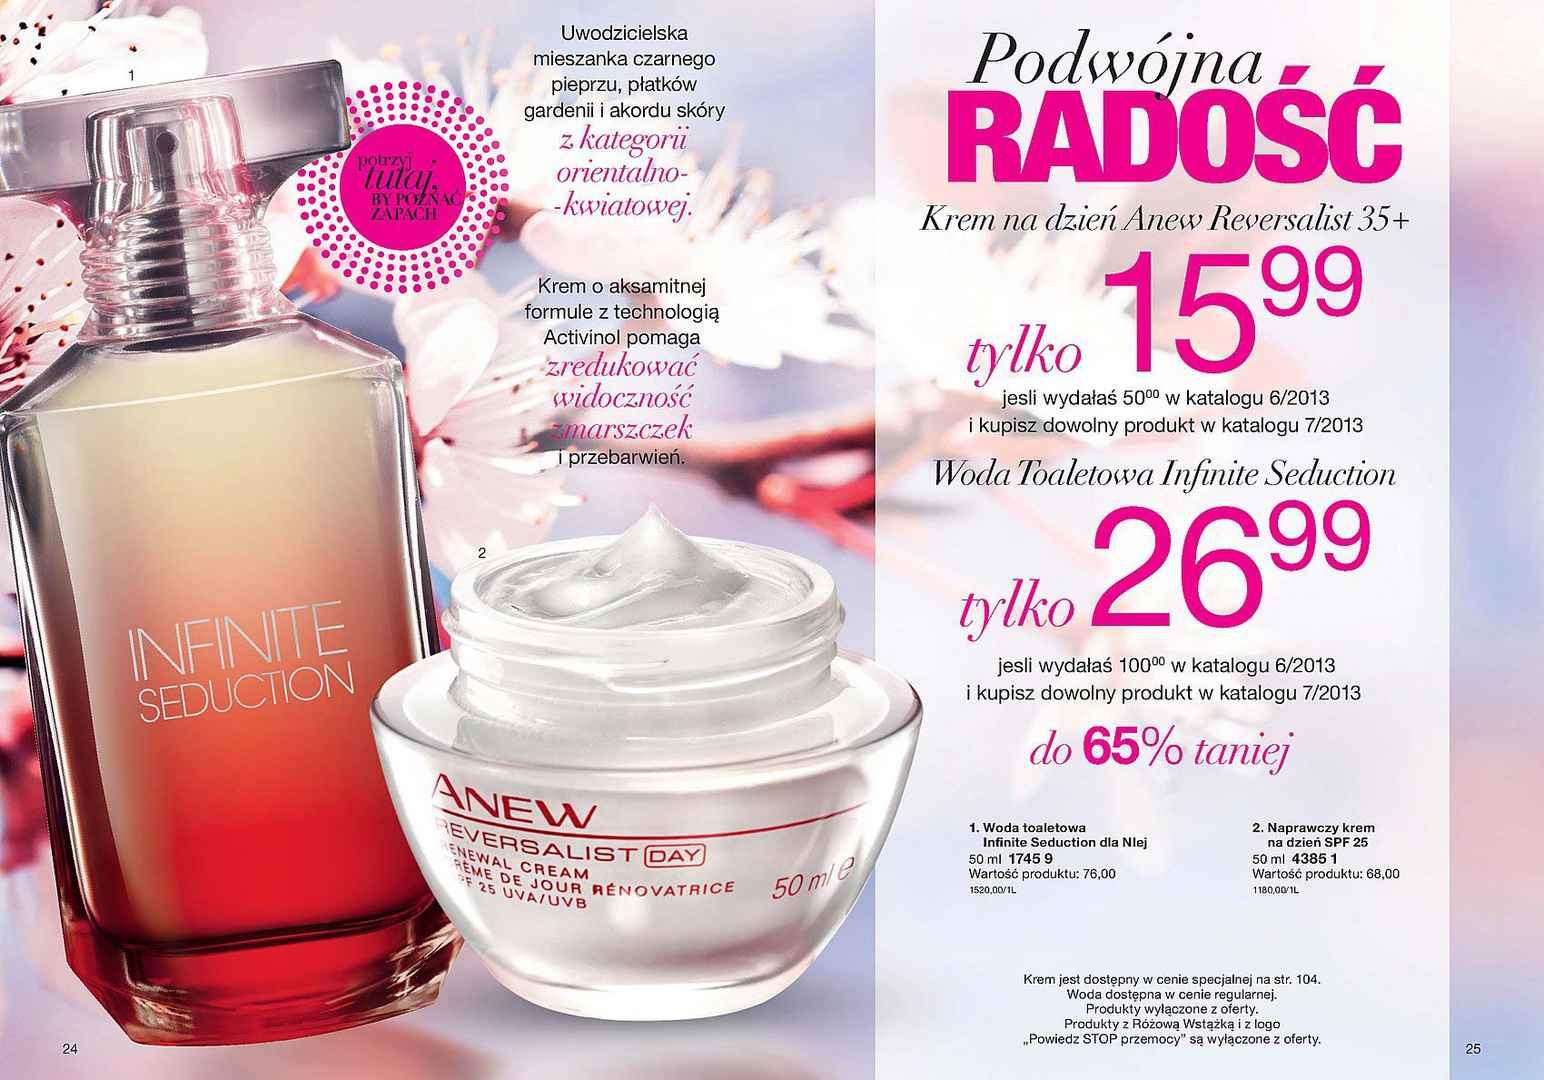 Avon 05 2013 распродажа профессиональную косметику для волос лореаль купить в